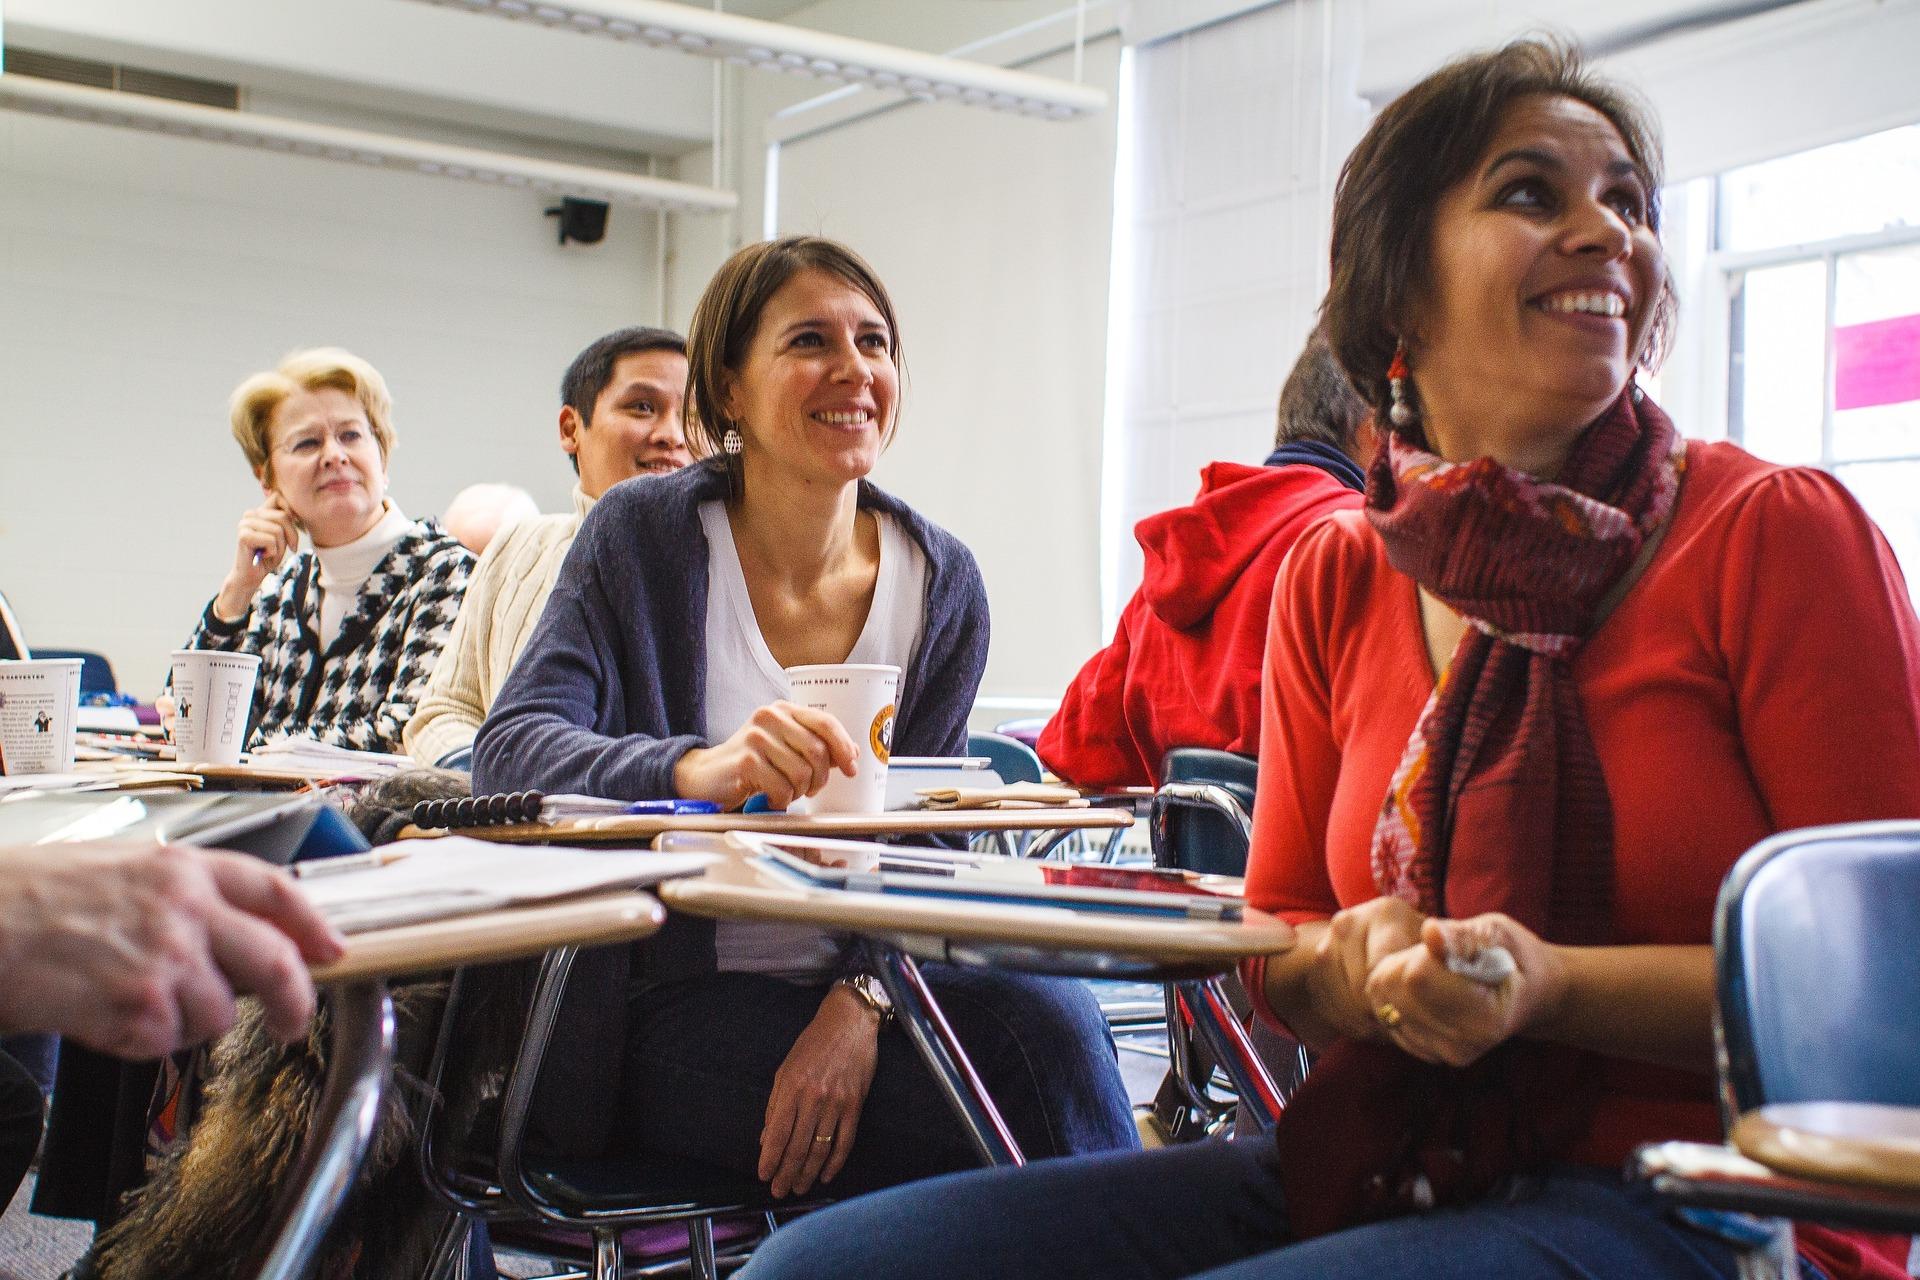 étudiants en salle faculté formation